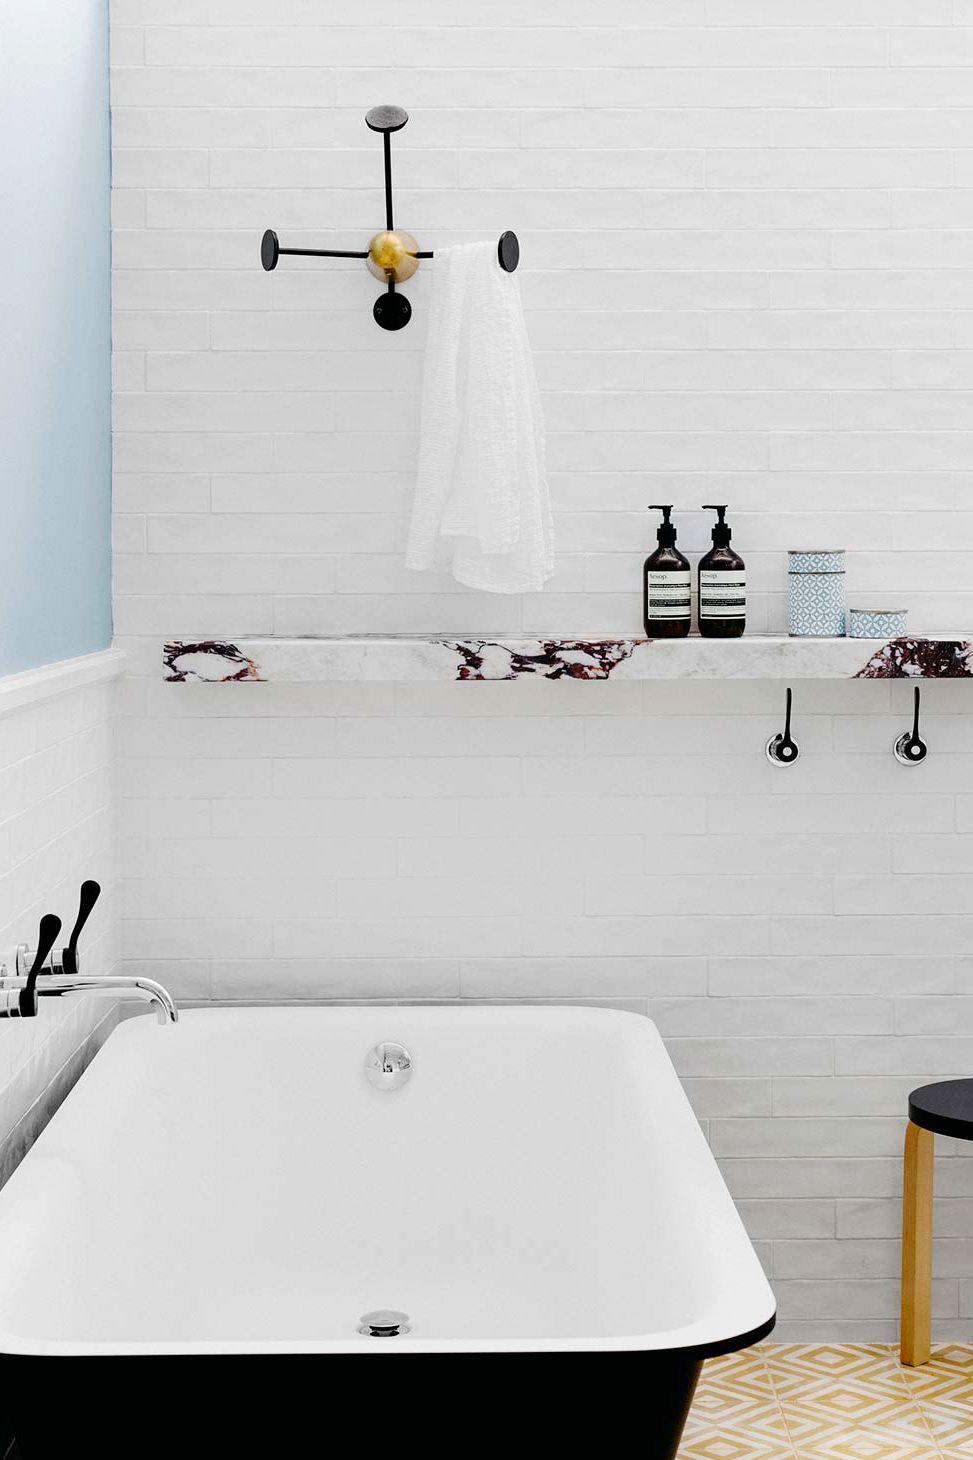 Những ý tưởng phòng tắm tuyệt vời khiến cho bạn không bao giờ muốn rời khỏi đây - Ảnh 17.